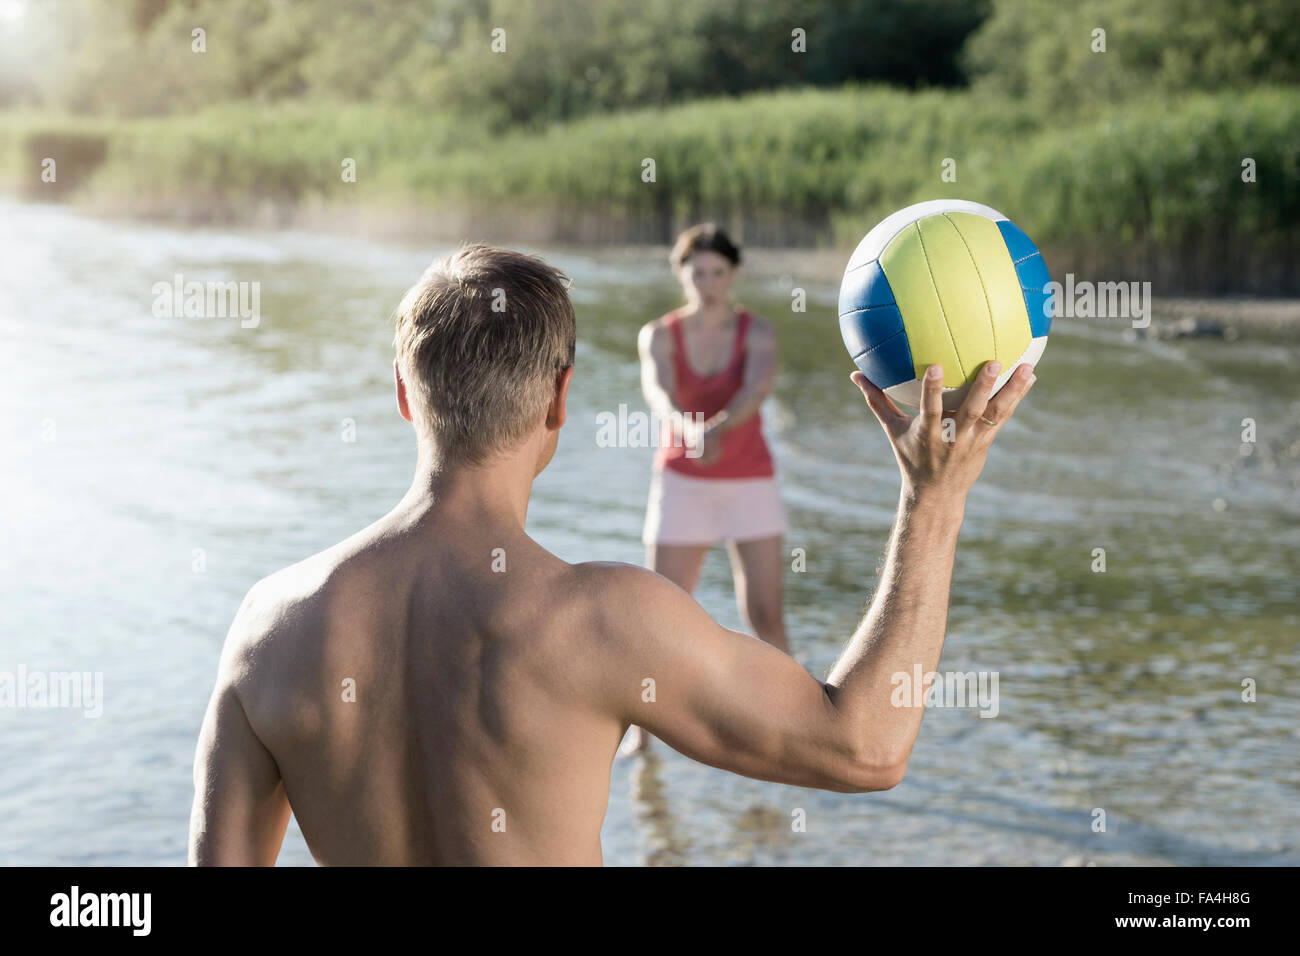 Coppia matura giocando a pallavolo al lago, Baviera, Germania Immagini Stock